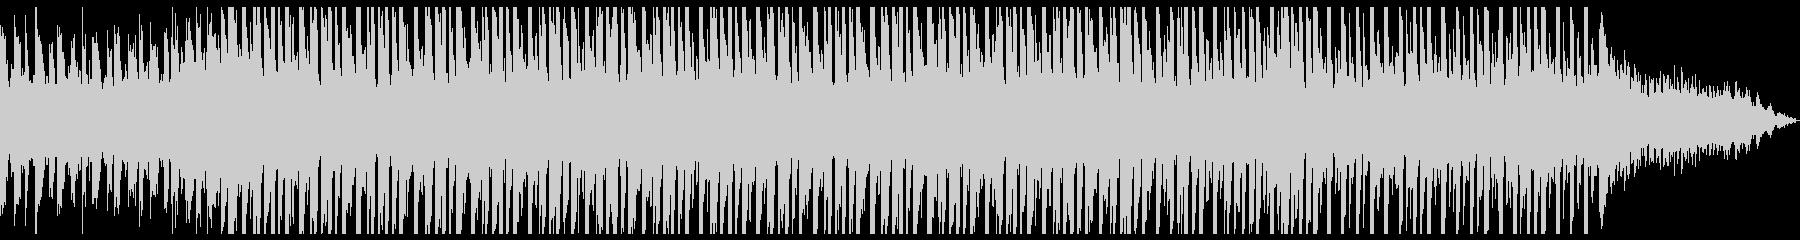 ユースポップ/エレクトロポップチャ...の未再生の波形